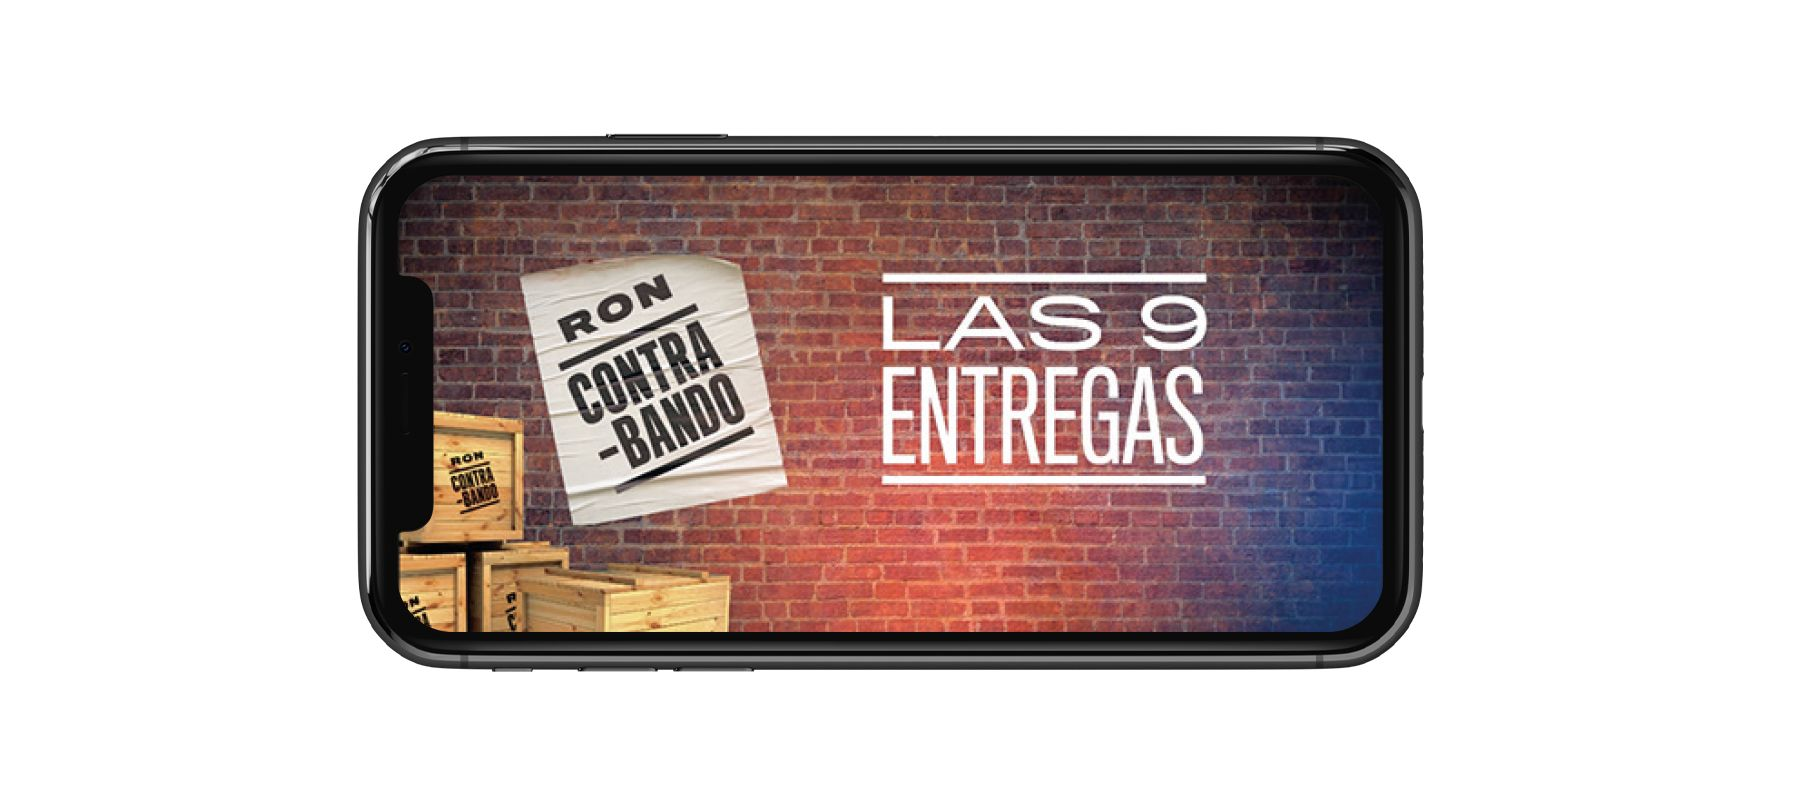 SOCIAL-Contrabando-Las9entregas